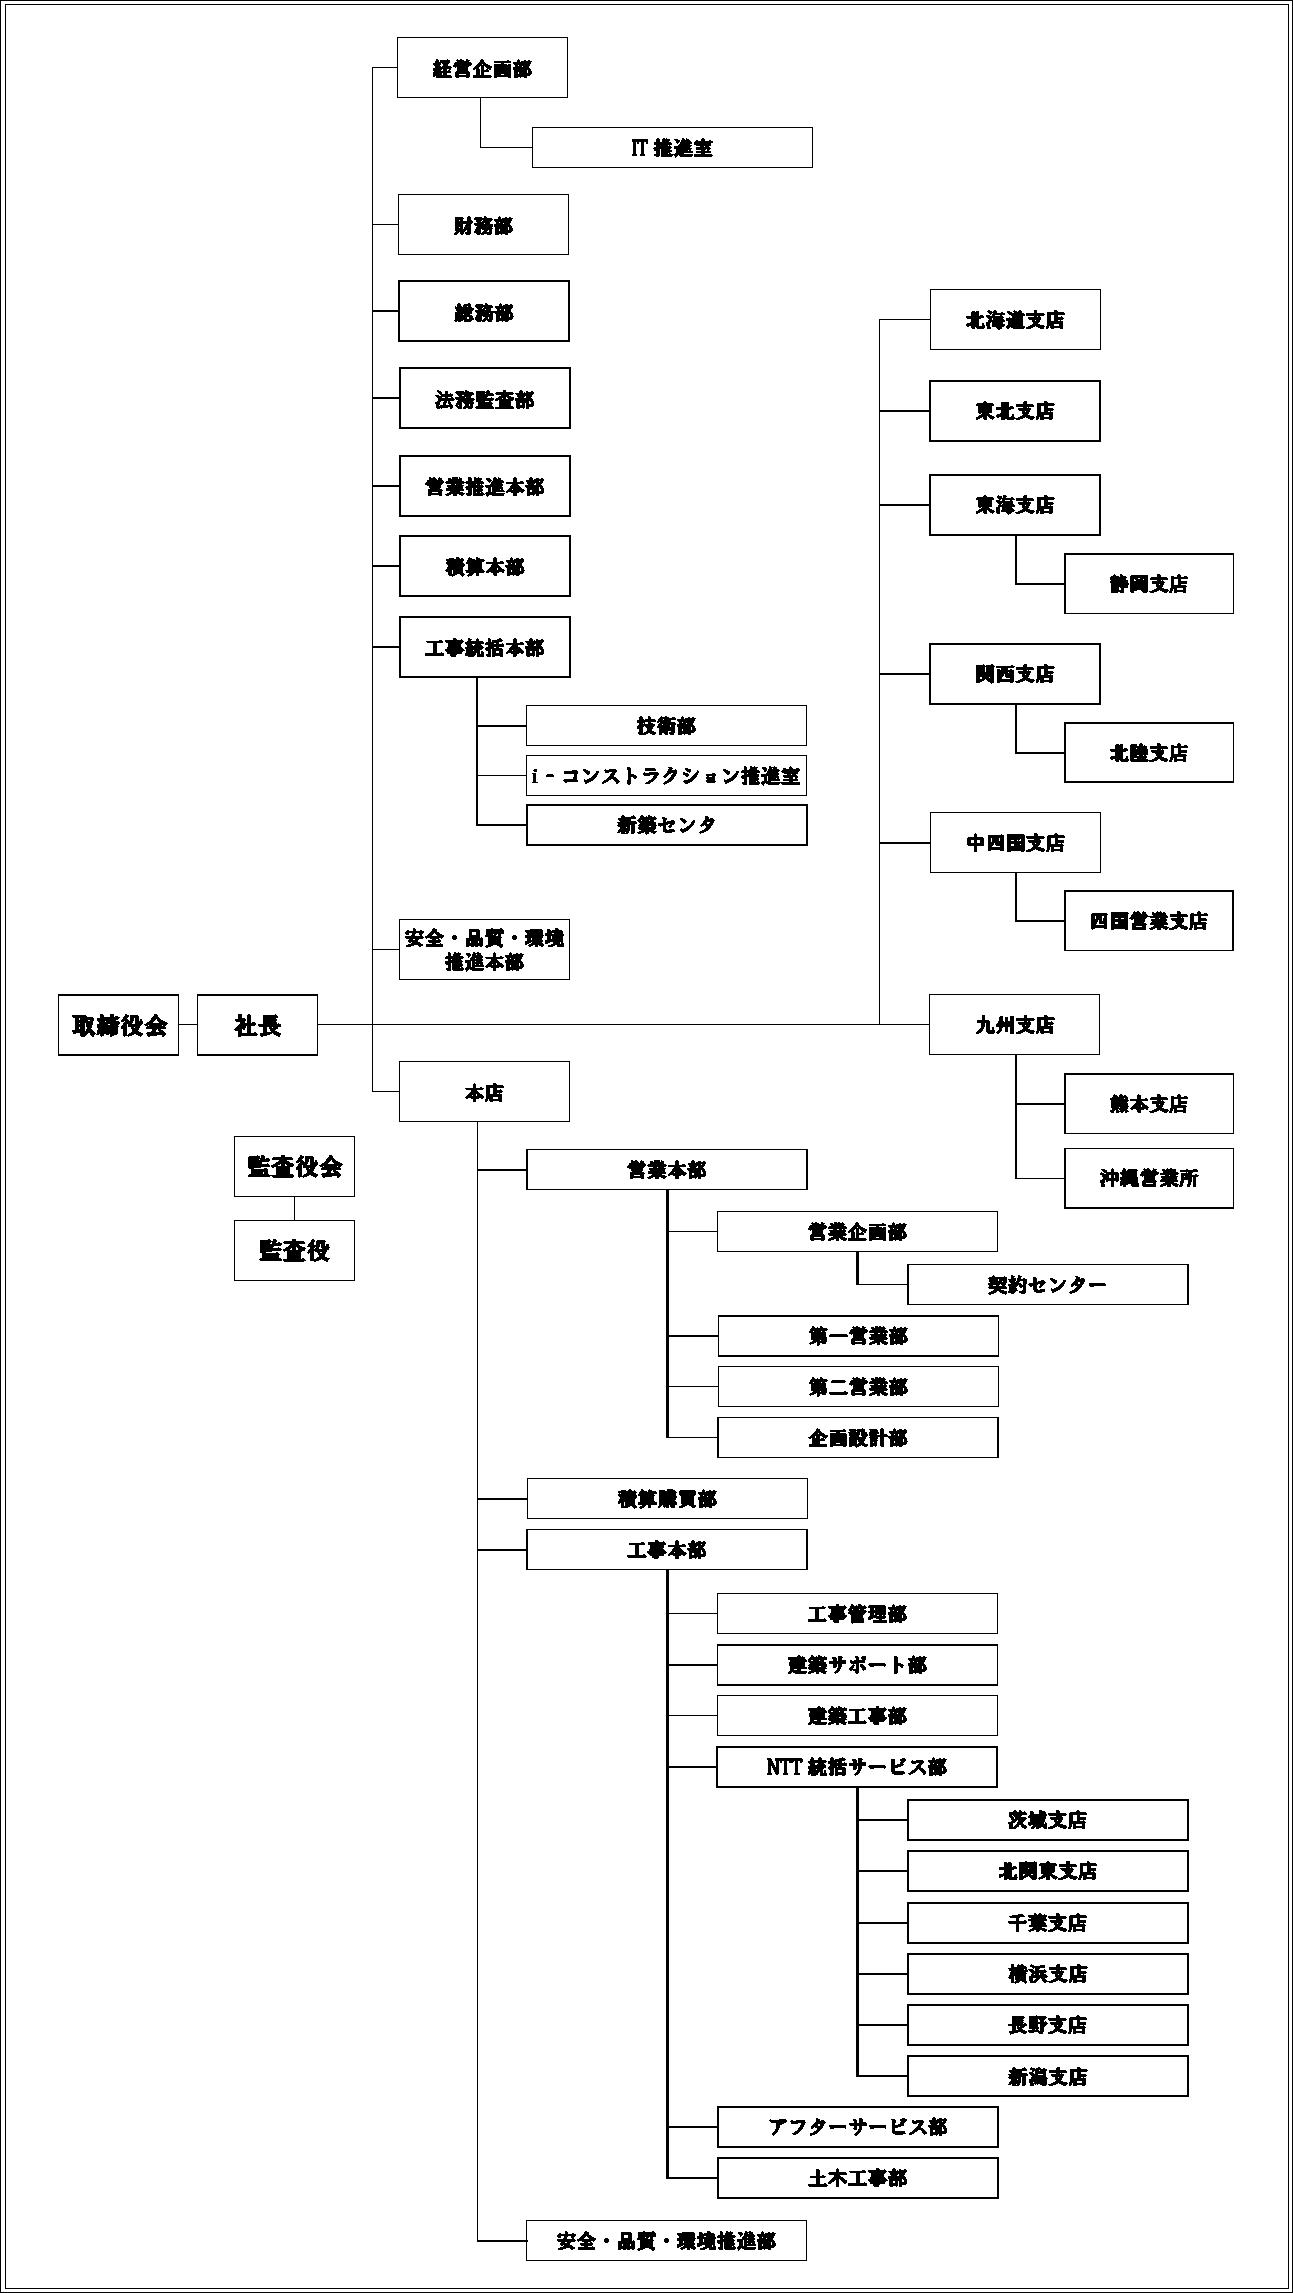 共立建設 本社の組織図